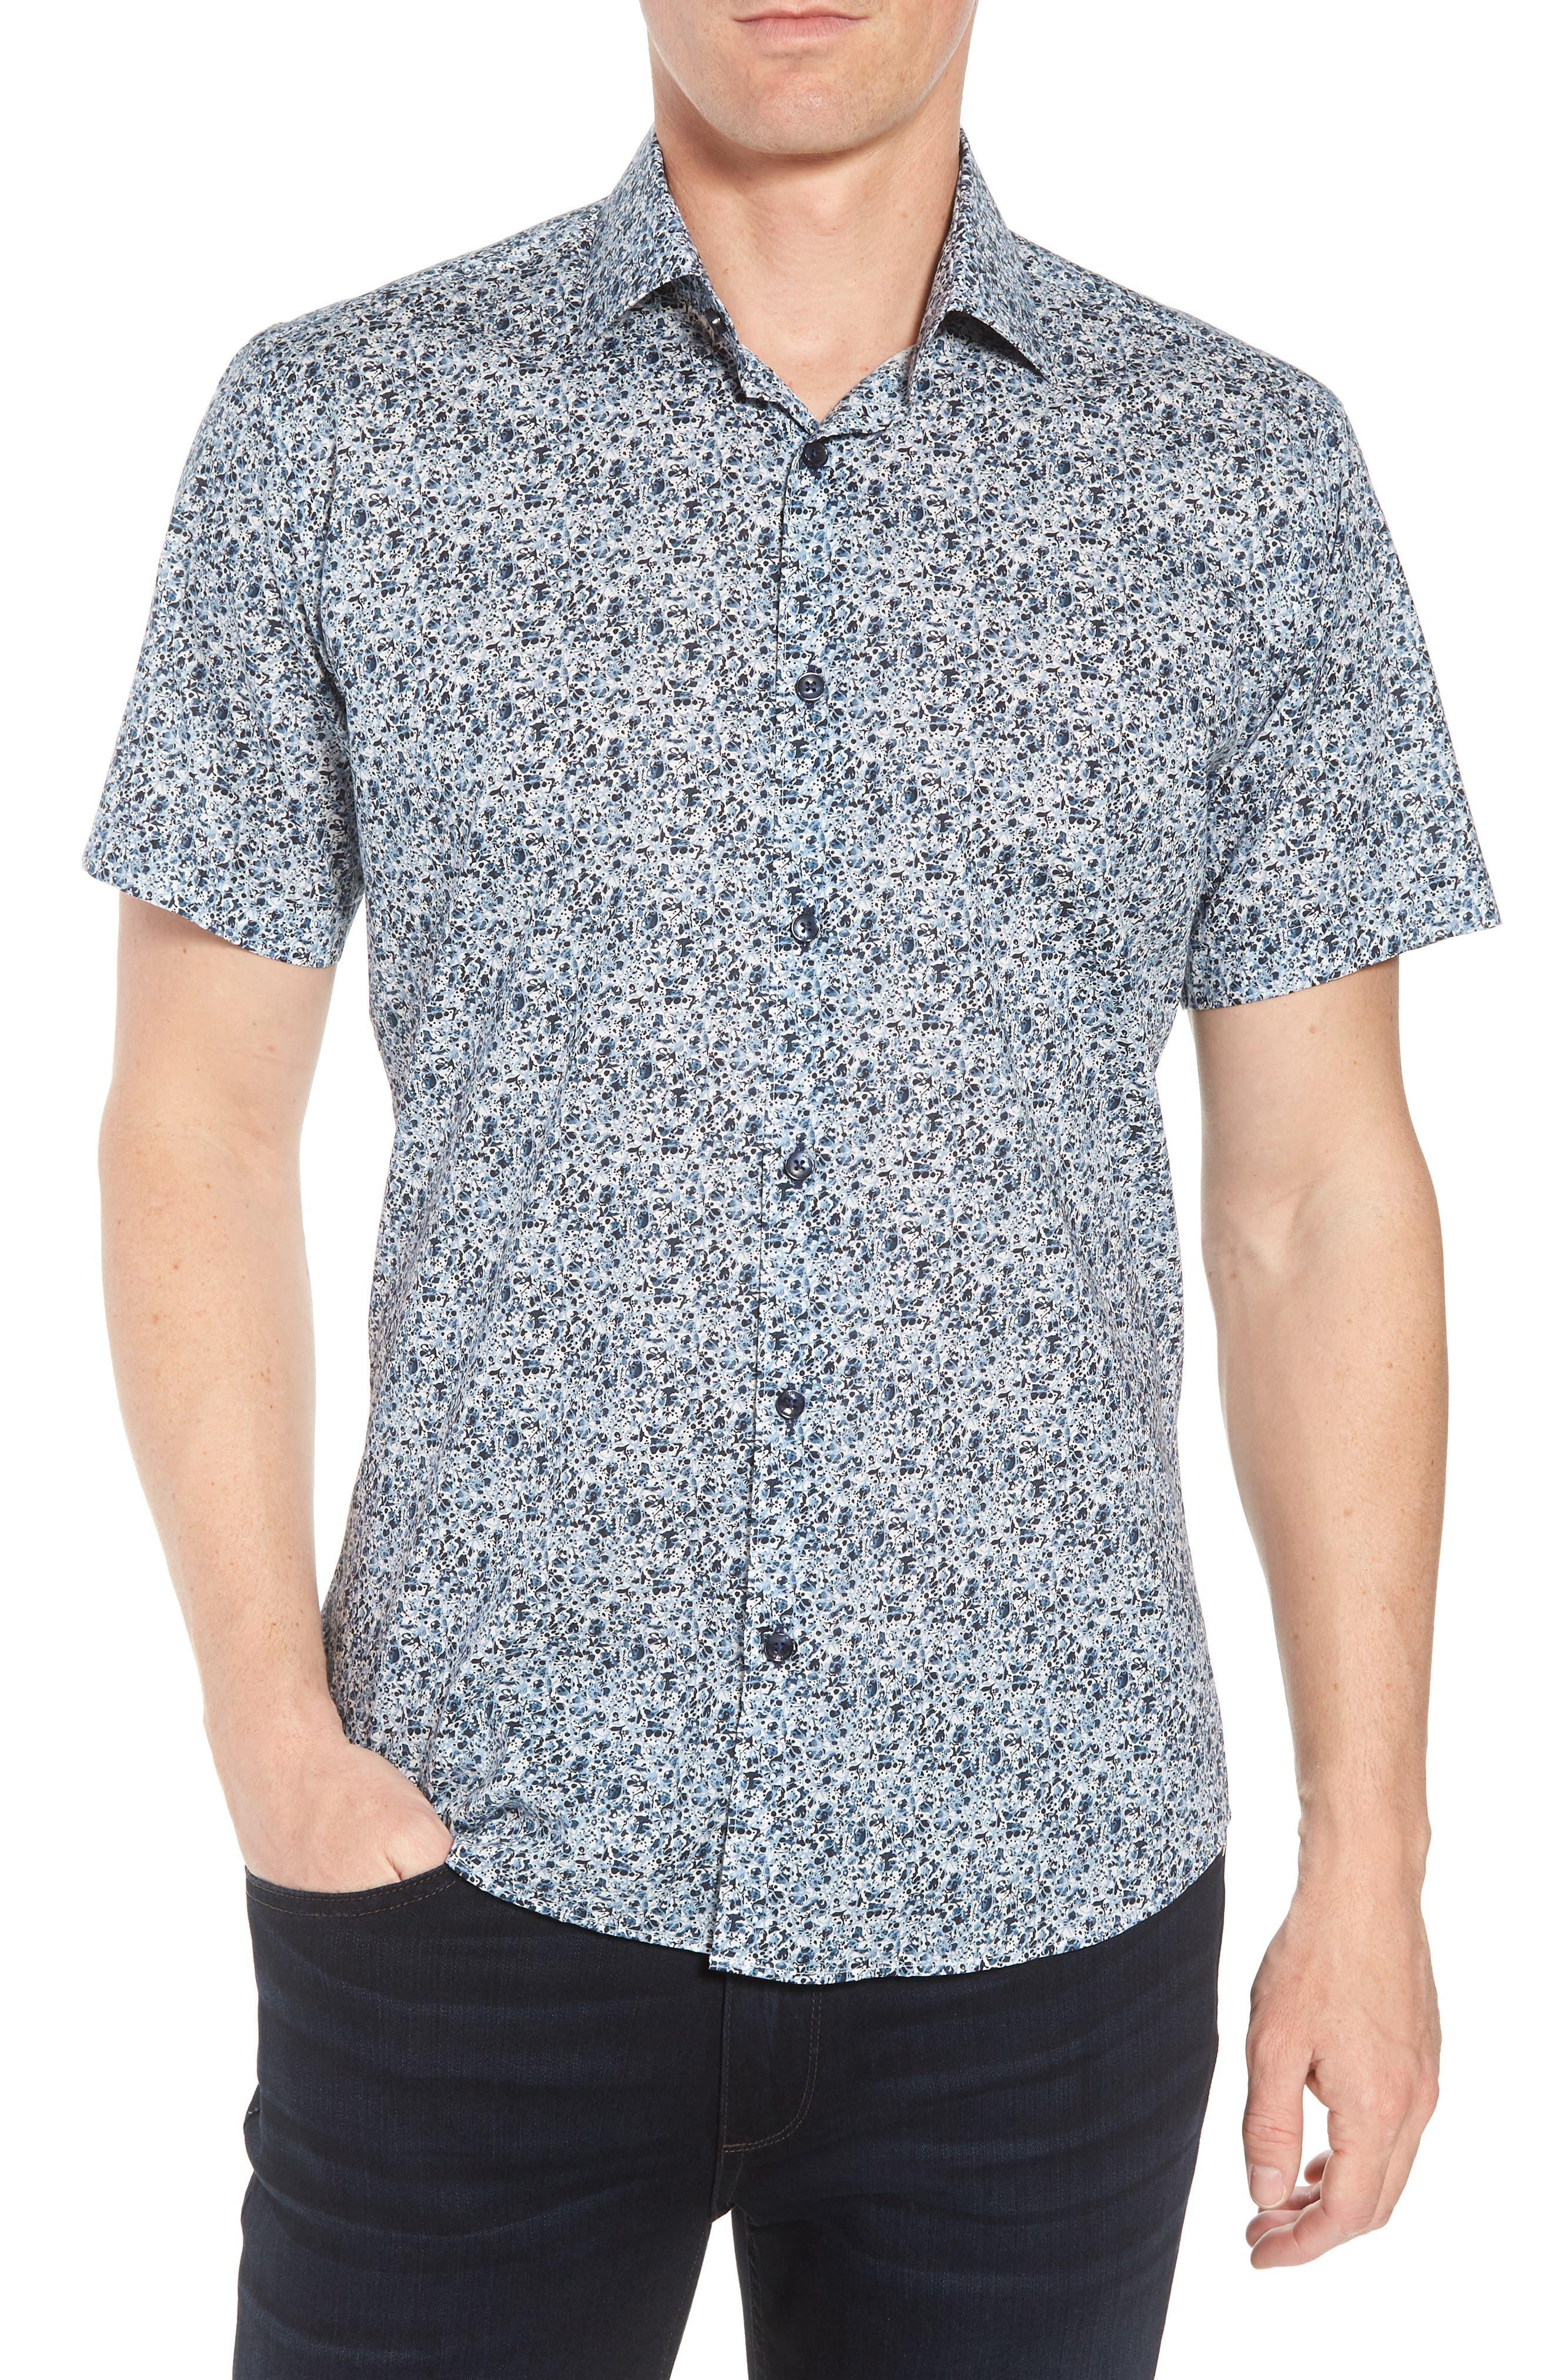 Speckle Print Sport Shirt,                             Main thumbnail 1, color,                             BLUE SPECKLE